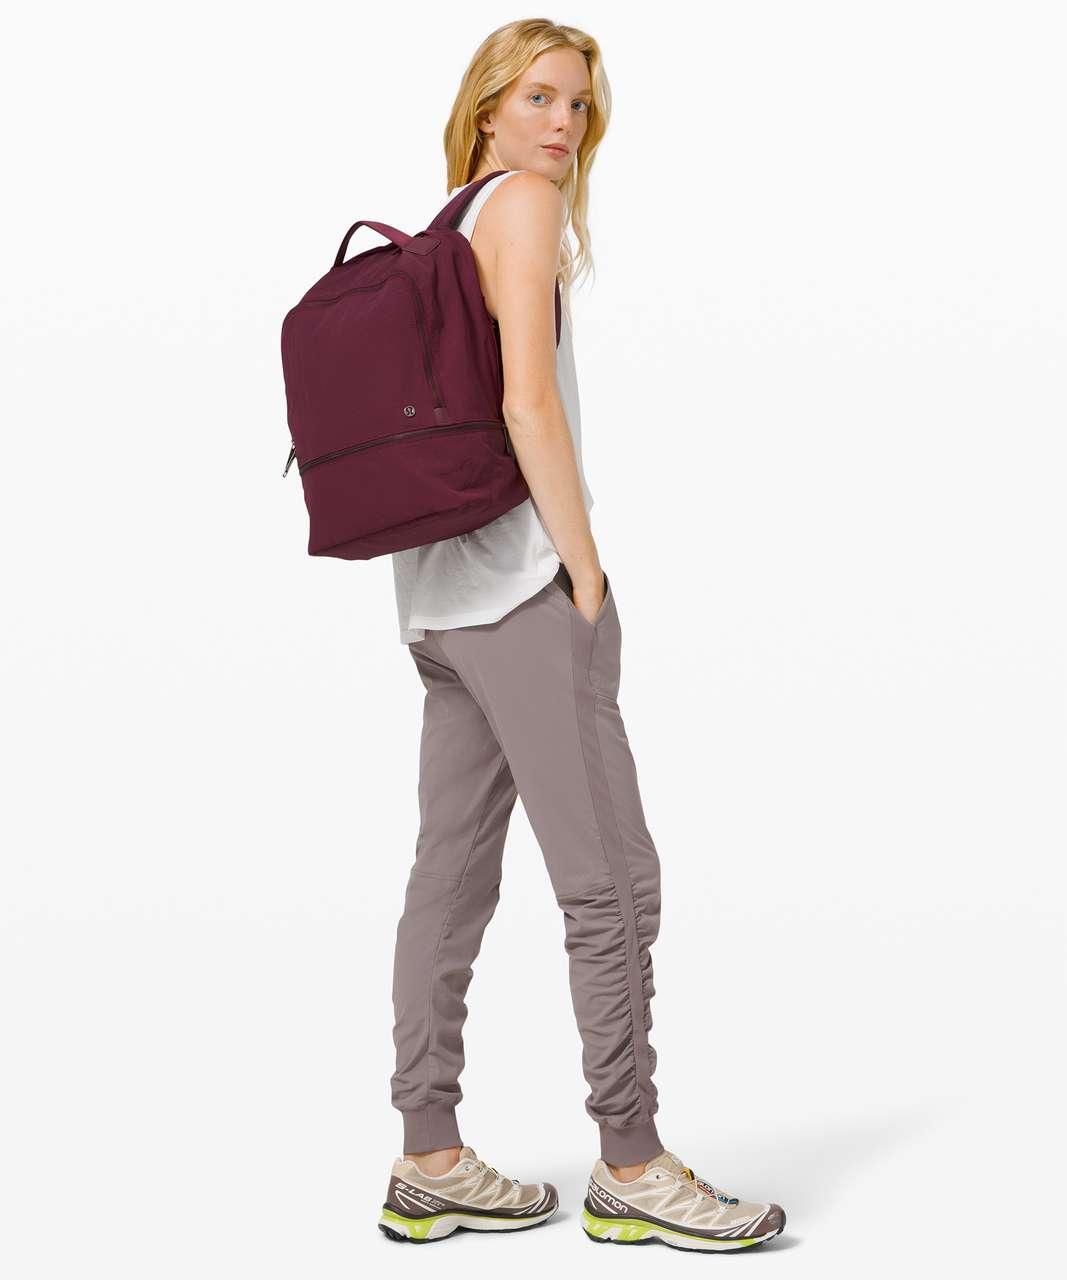 Lululemon City Adventurer Backpack *17L - Cassis